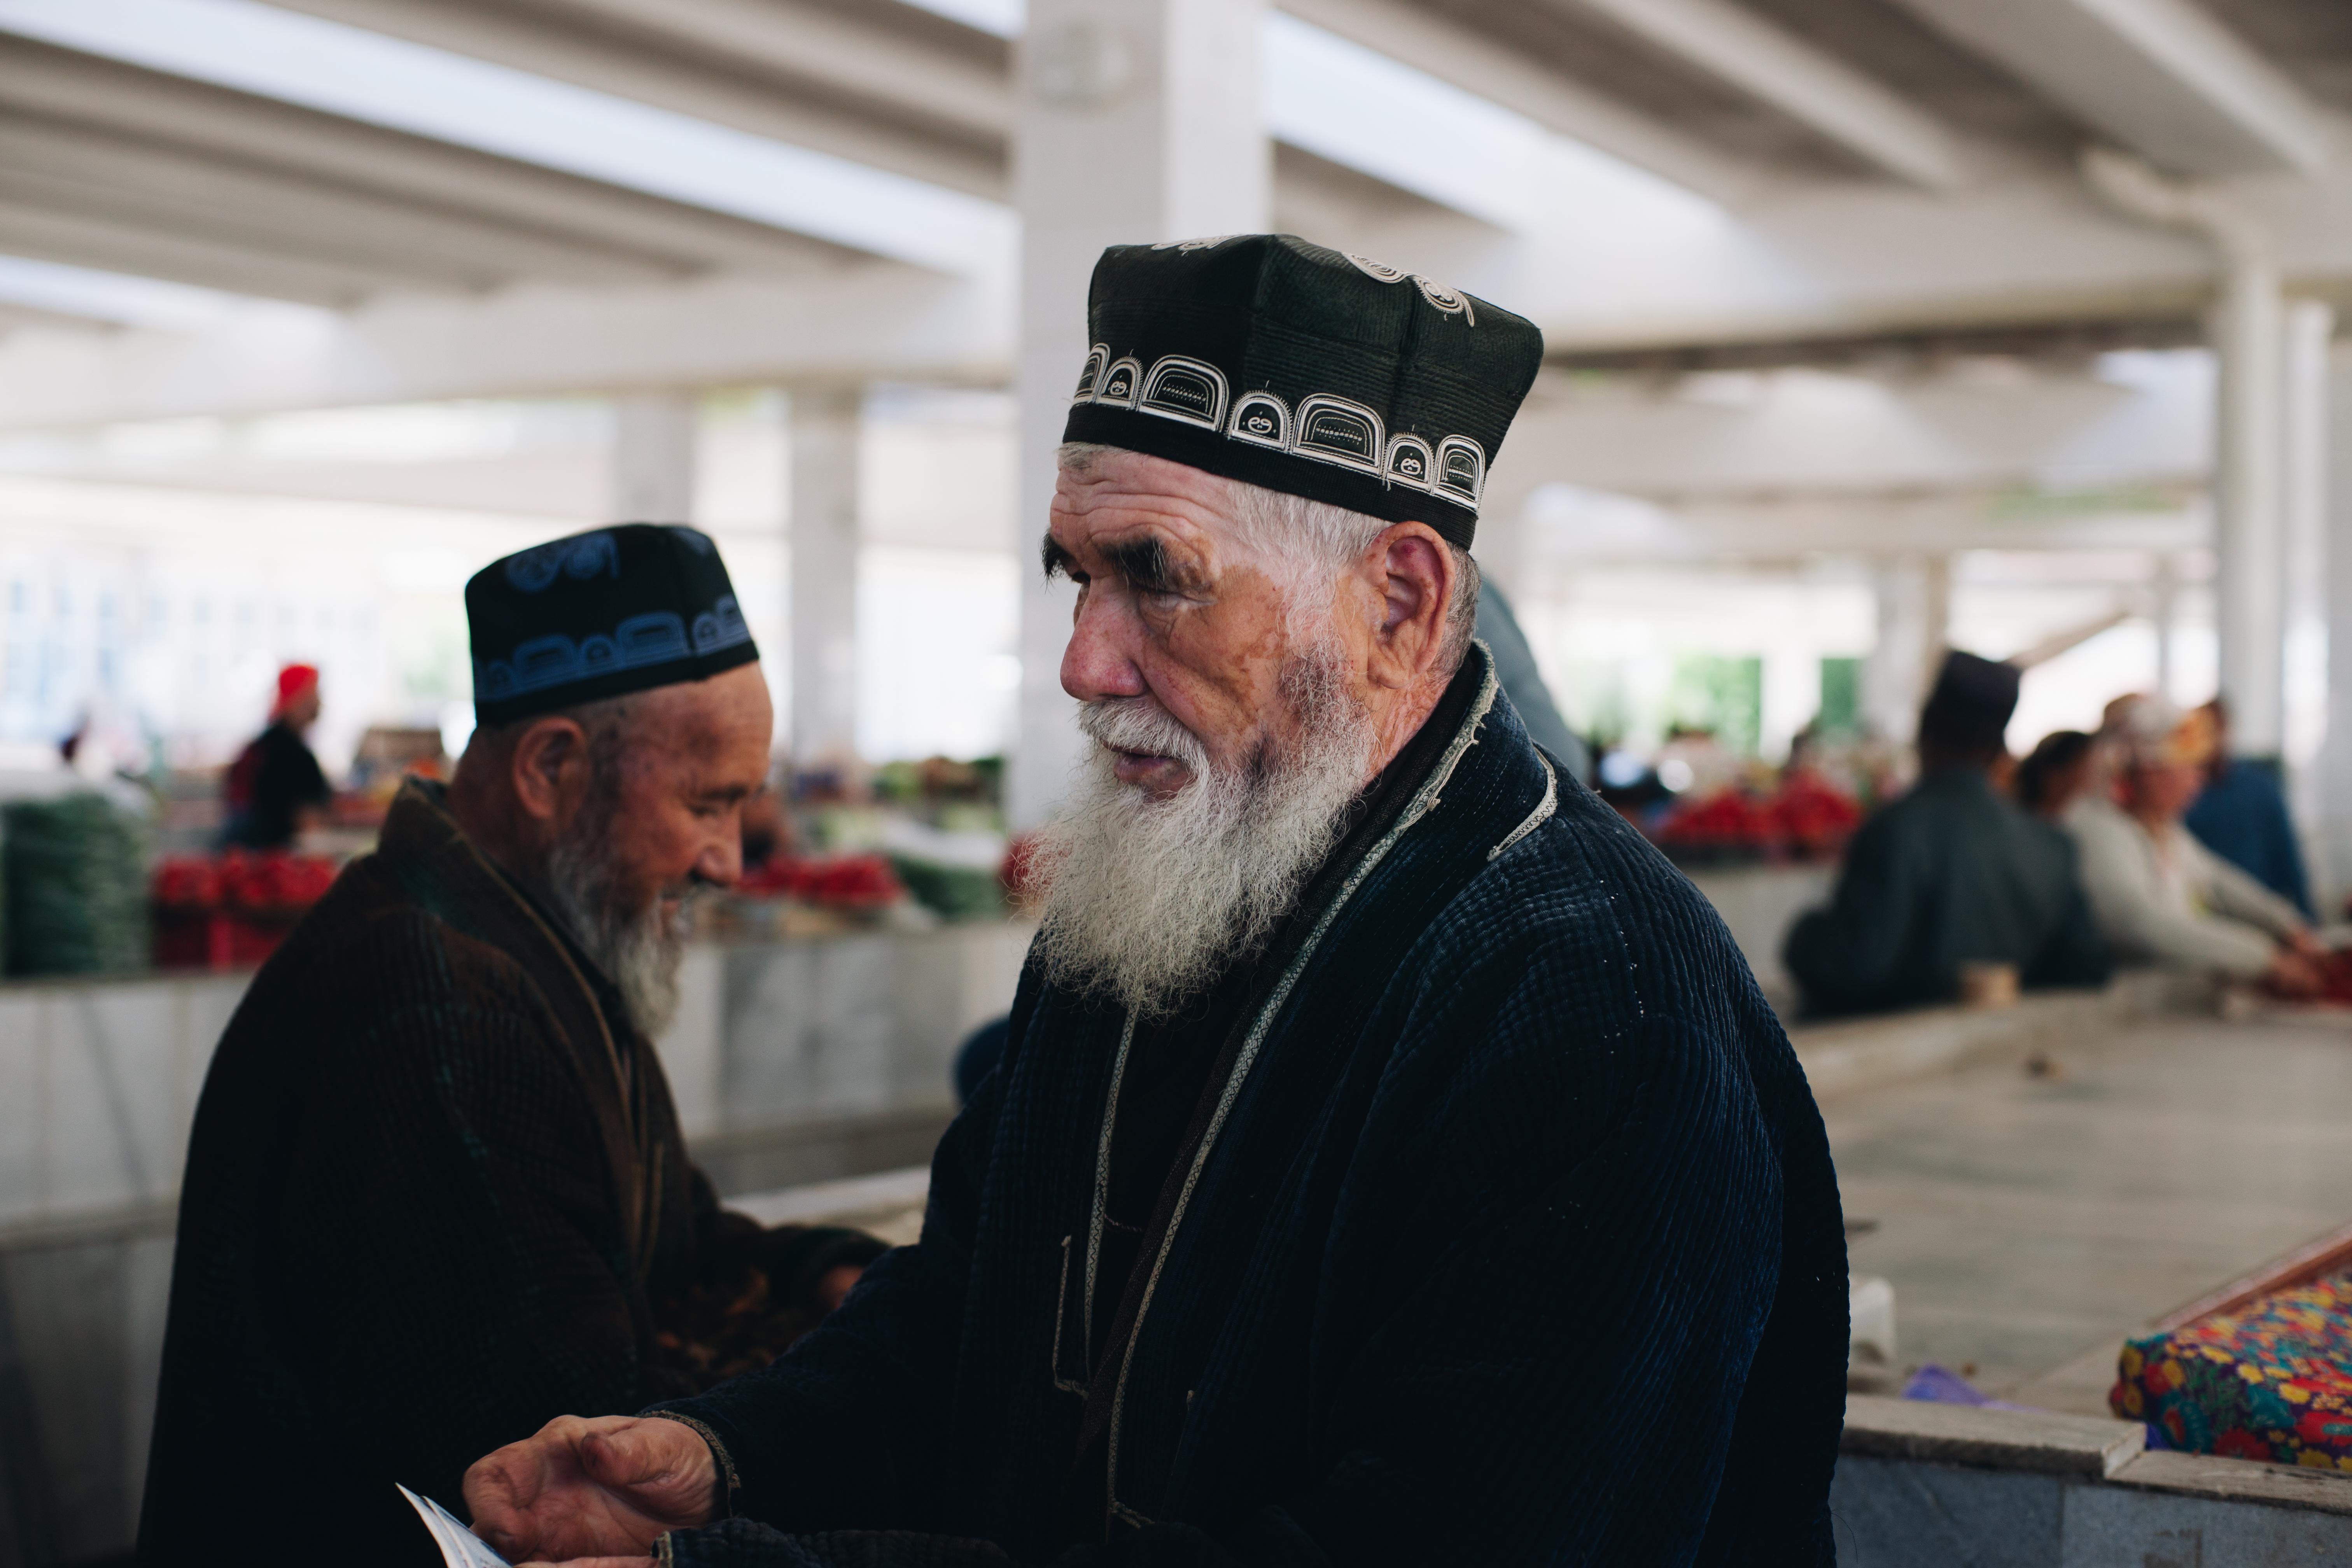 uzbekistan mężczyzna w tradycyjnej czapce